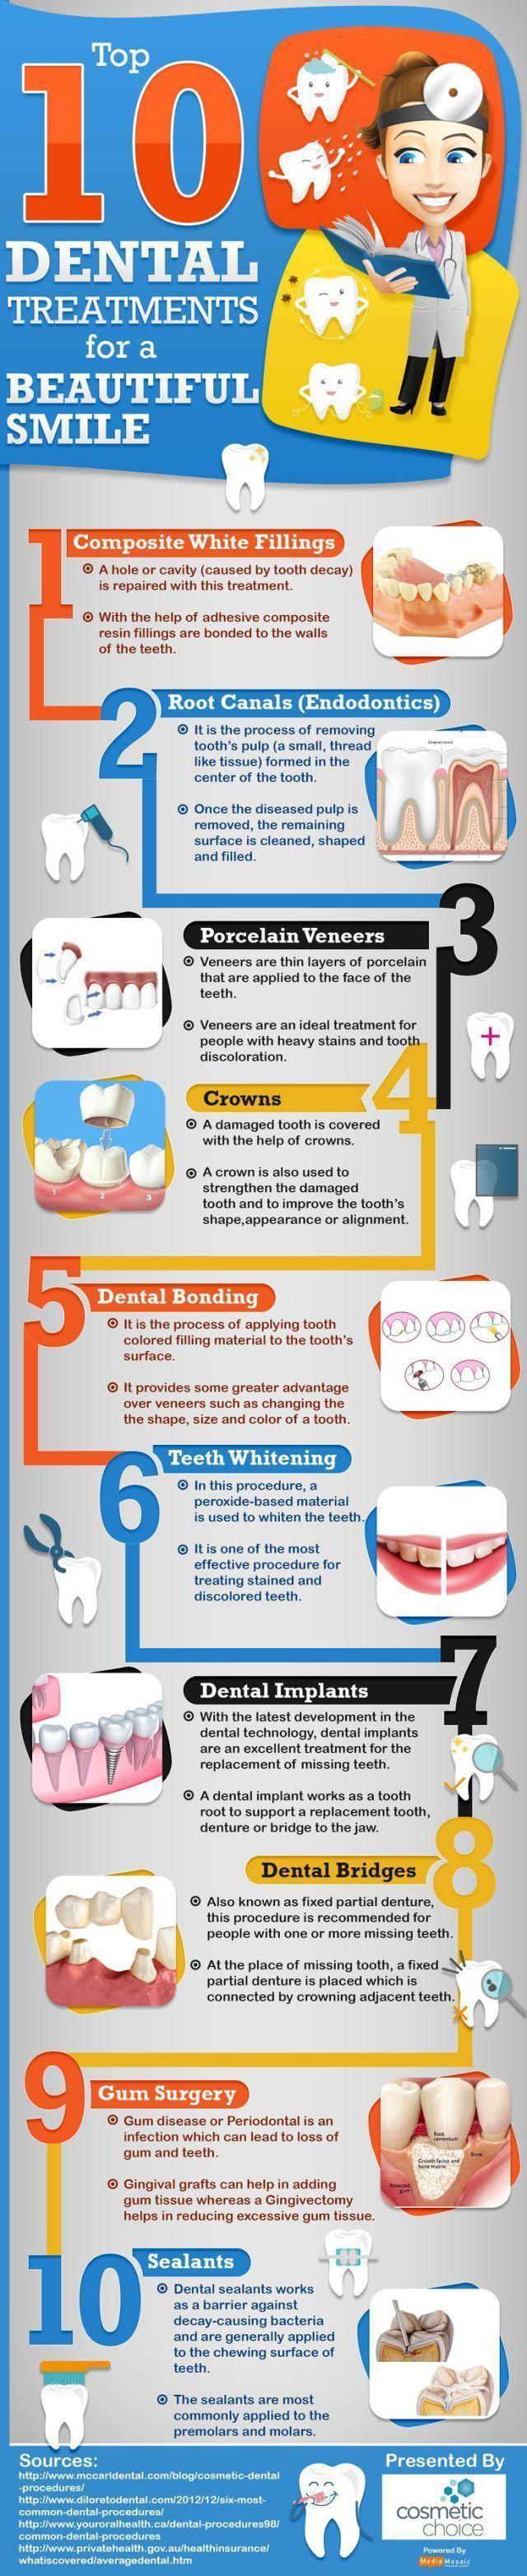 fundraising infographic : fundraising infographic : fundraising infographic : Top dental procedures to imp